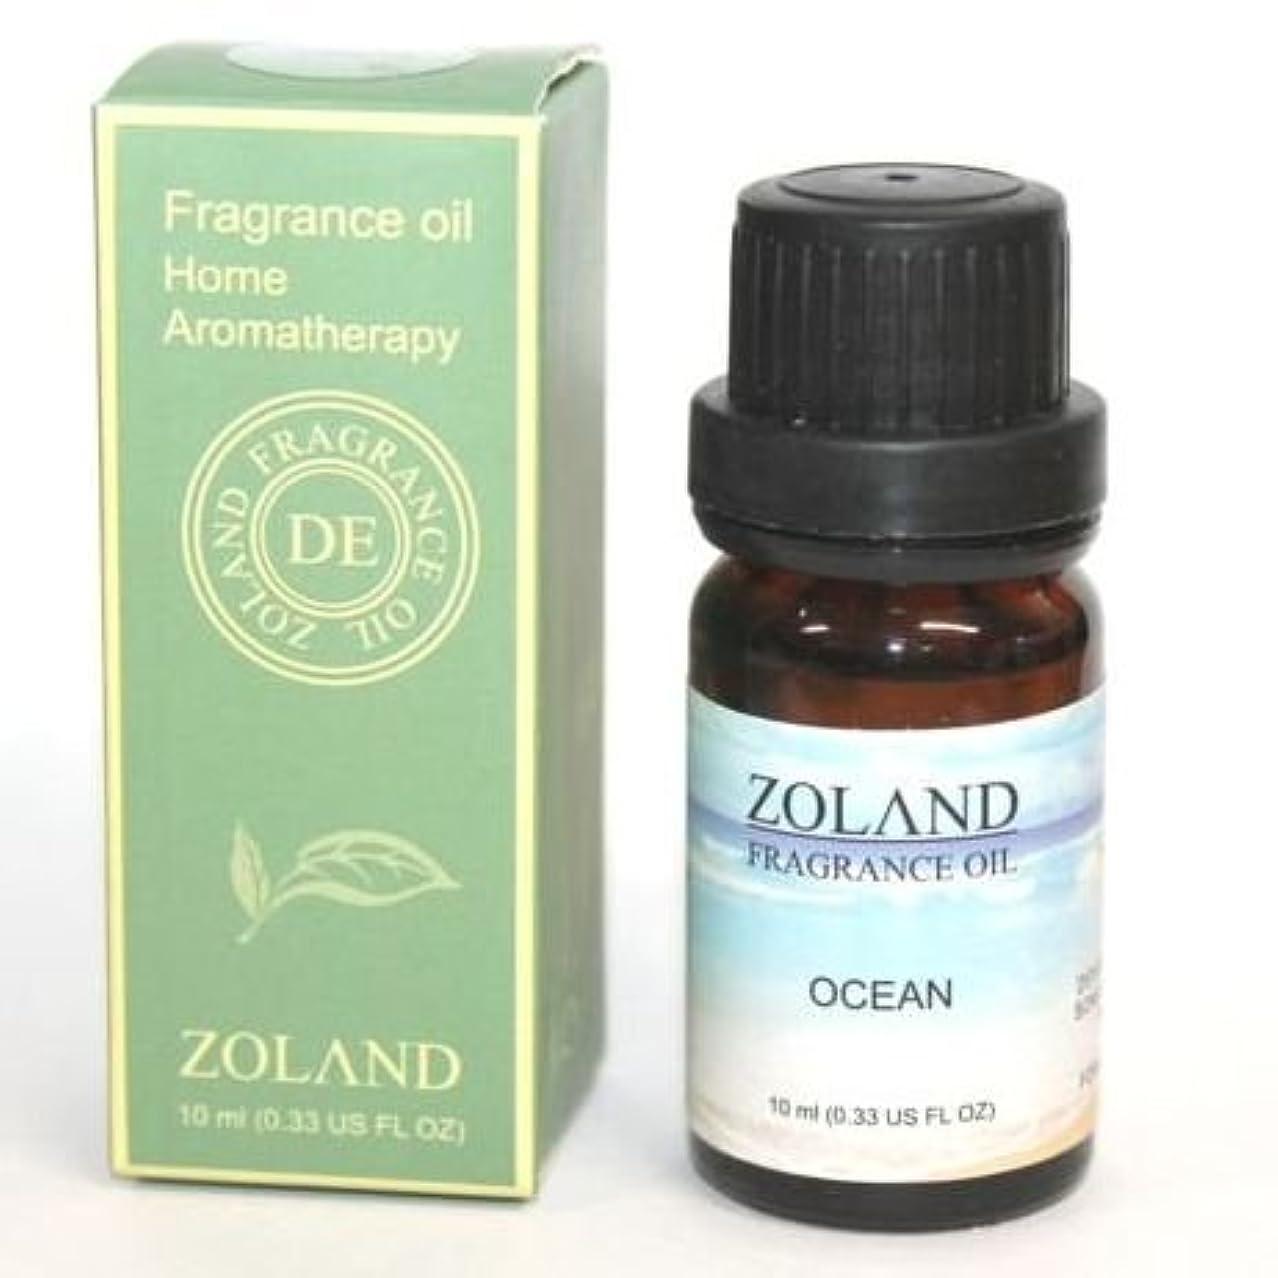 貯水池聞きます昼間ZOLAND アロマオイル AROMA OIL フレグランスオイル OCEAN オーシャン 海の香り ZQ-6